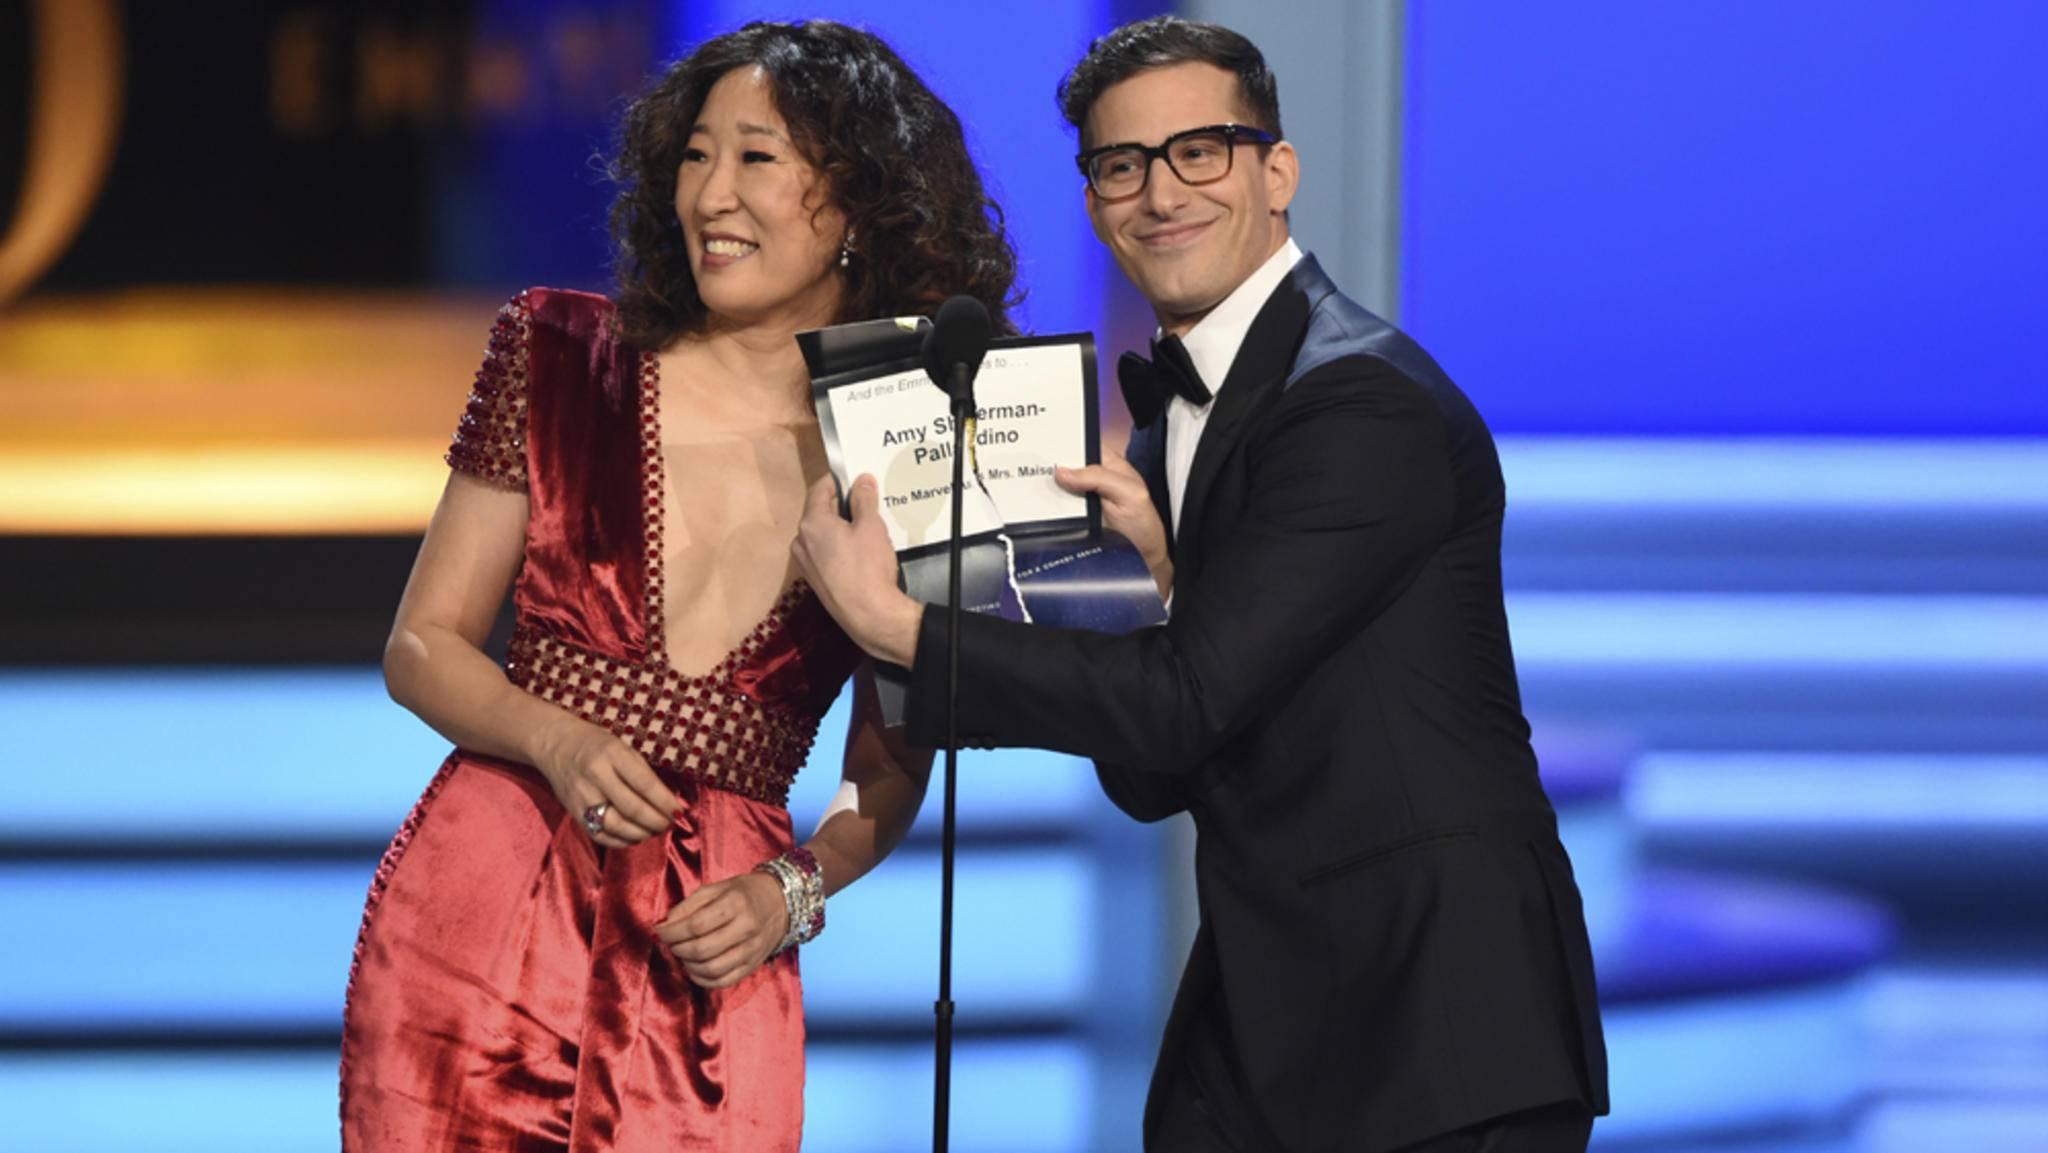 Schon bei den Emmys 2018 stellten Sandra Oh und Andy Samberg unter Beweis, dass sie ein gutes Host-Duo abgeben.